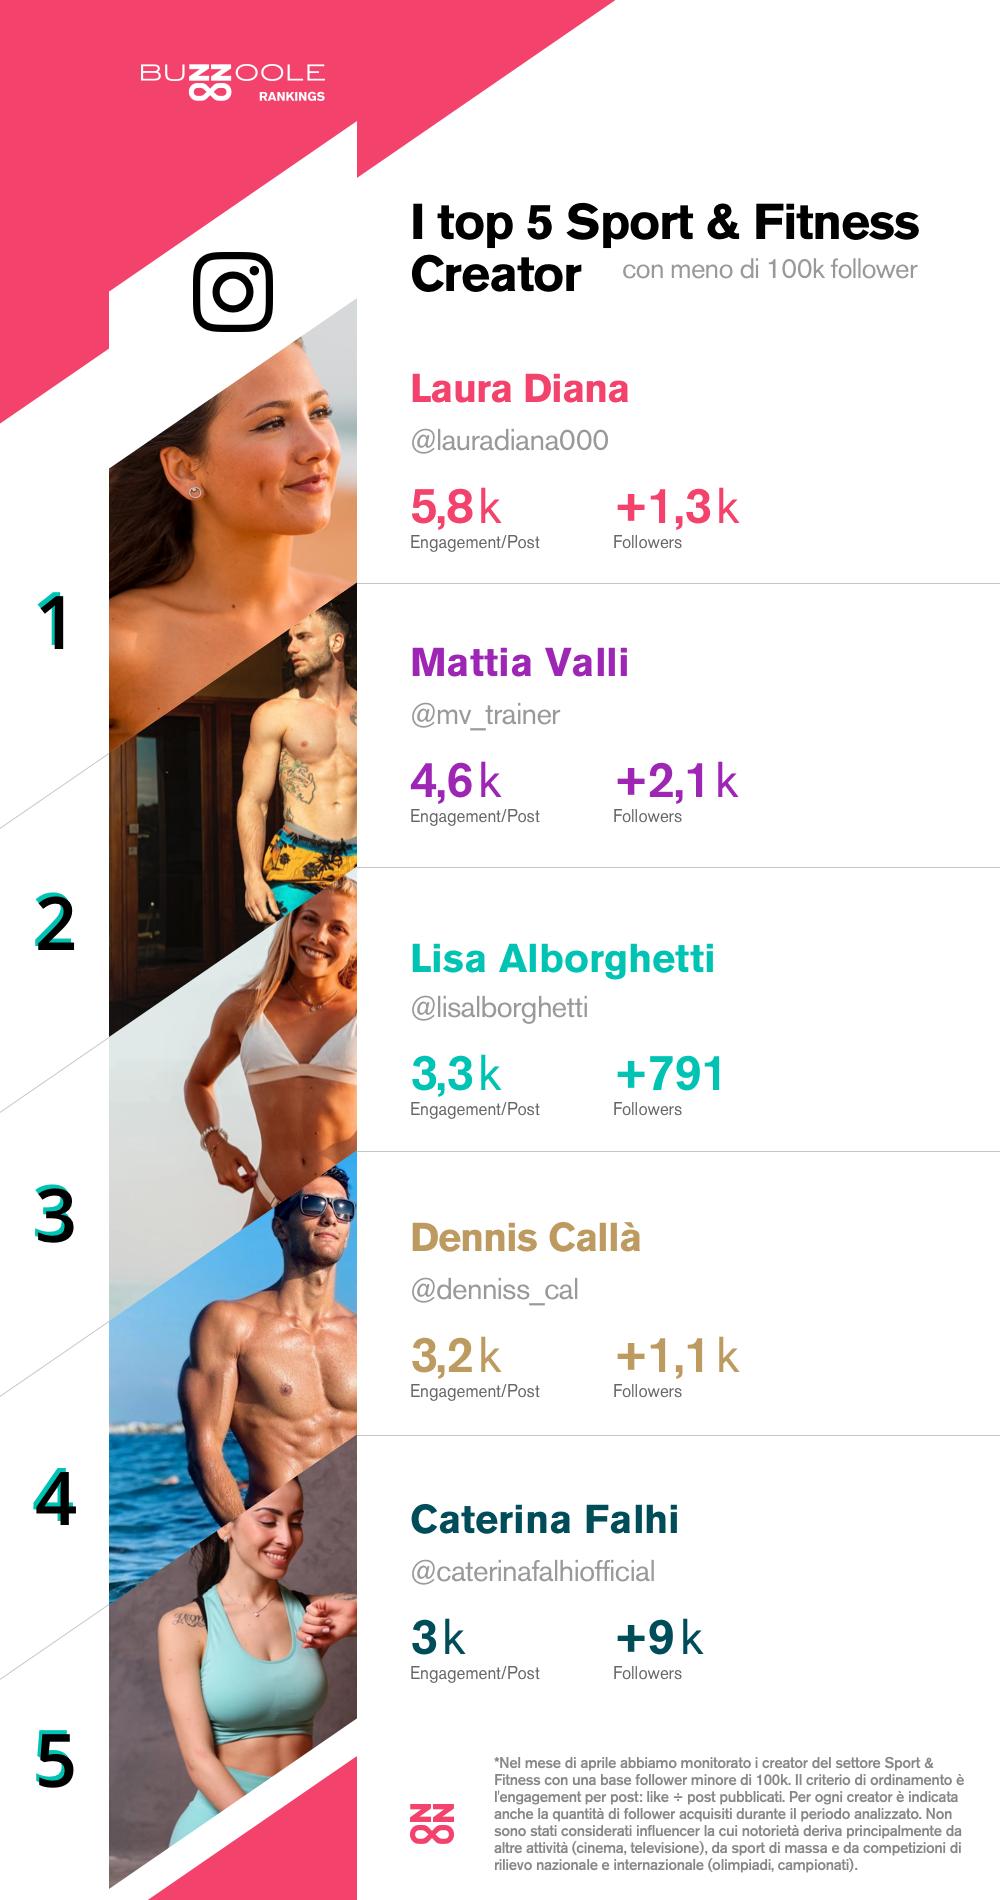 Classifica dei migliori micro influencer Sport e Fitness italiani su Instagram: 1) @lauradiana000 2) @mv_trainer 3) @lisalborghetti 4) @denniss_cal 5) @caterinafalhiofficial